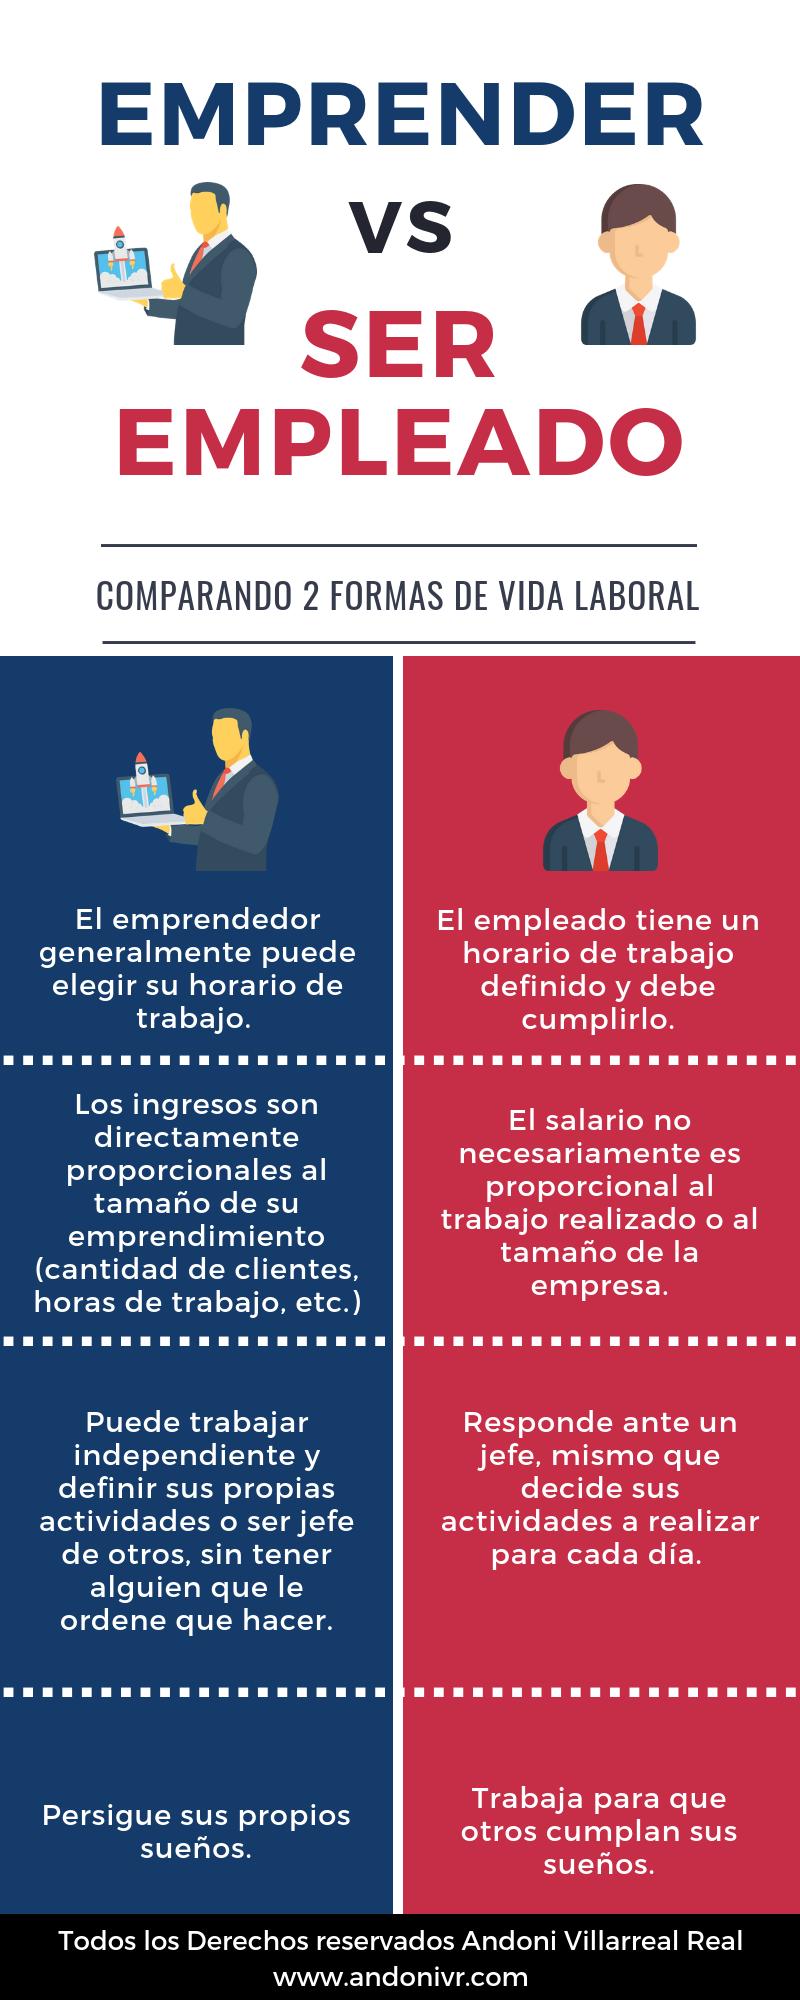 Emprendedor vs Empleado 1